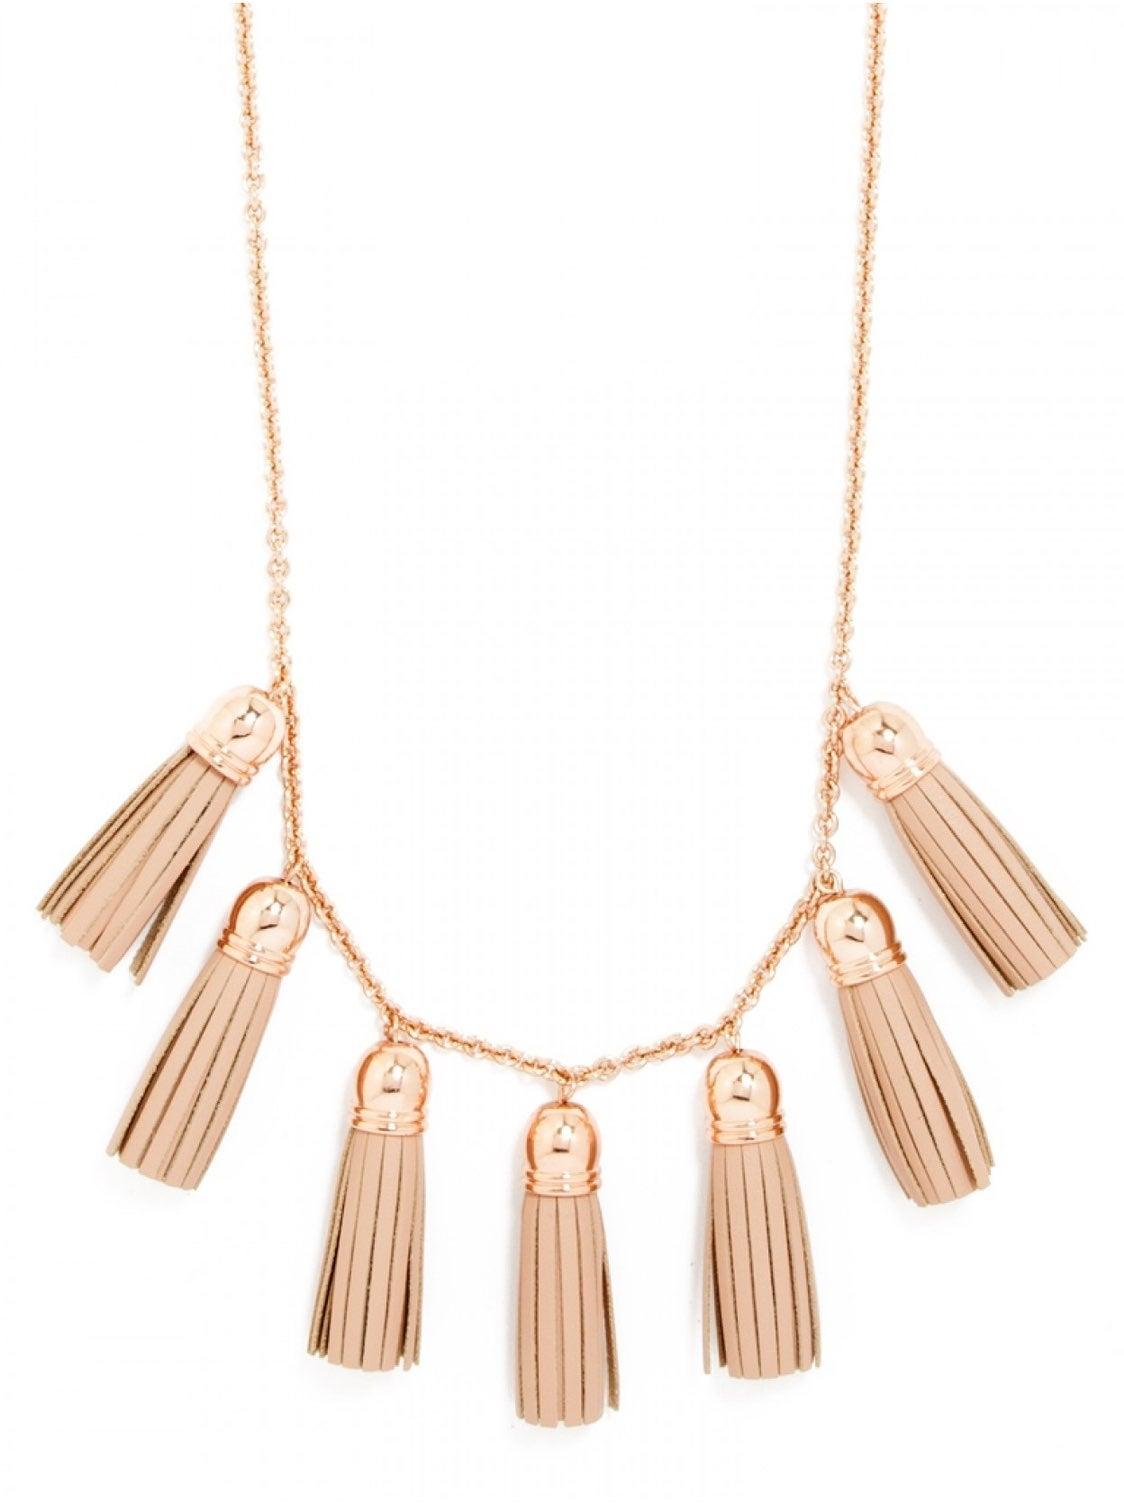 BaubleBar tassle necklace